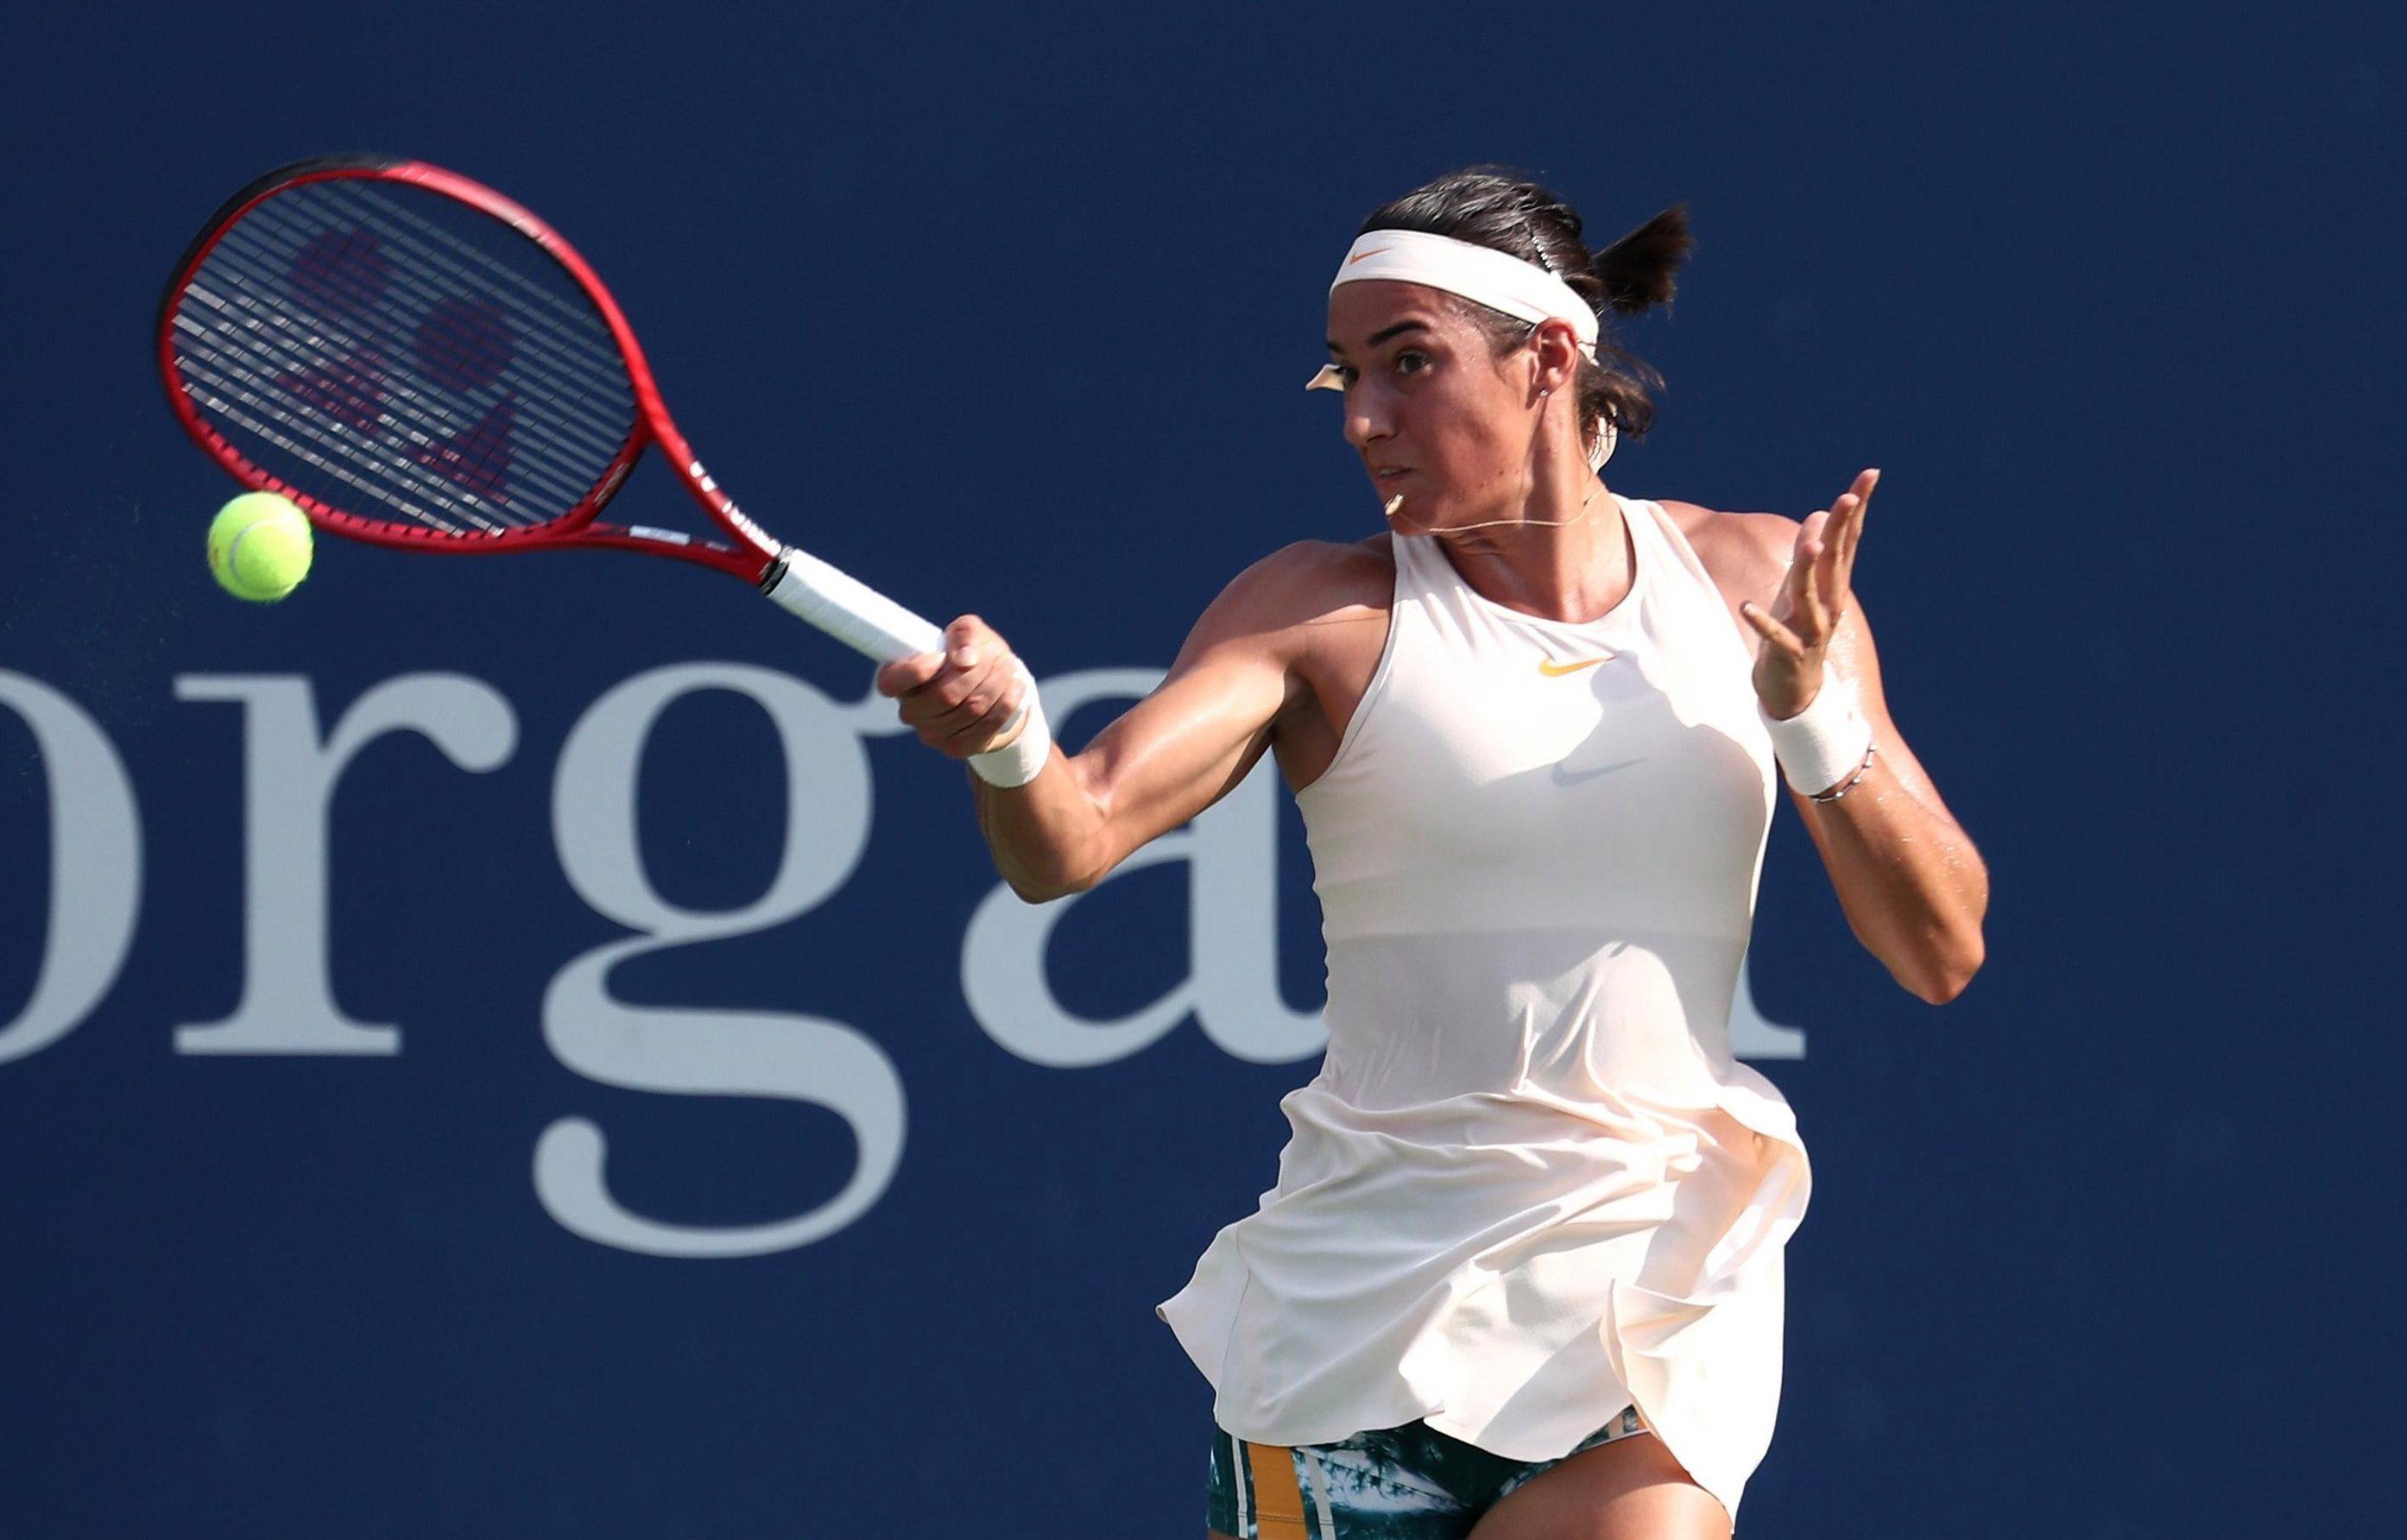 Caroline Garcia was in dominant form as she dismissed Jo Konta